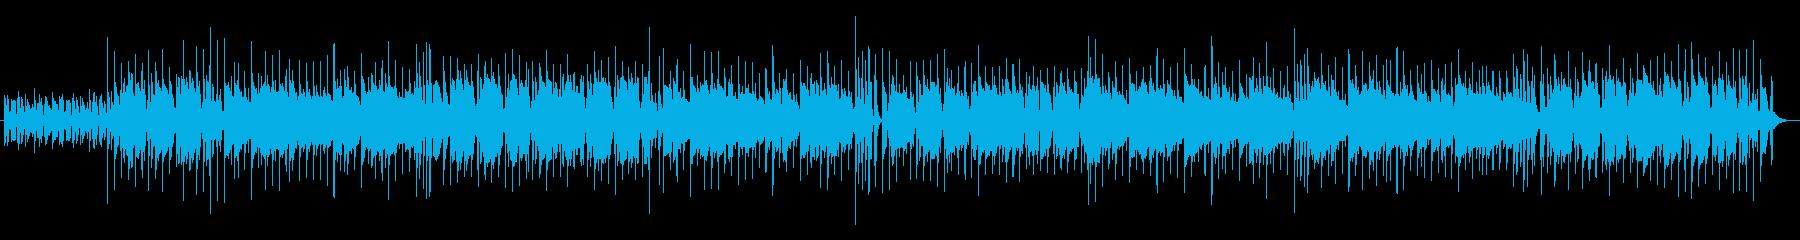 【ギターなし】ピアノリフが印象的な都会的の再生済みの波形